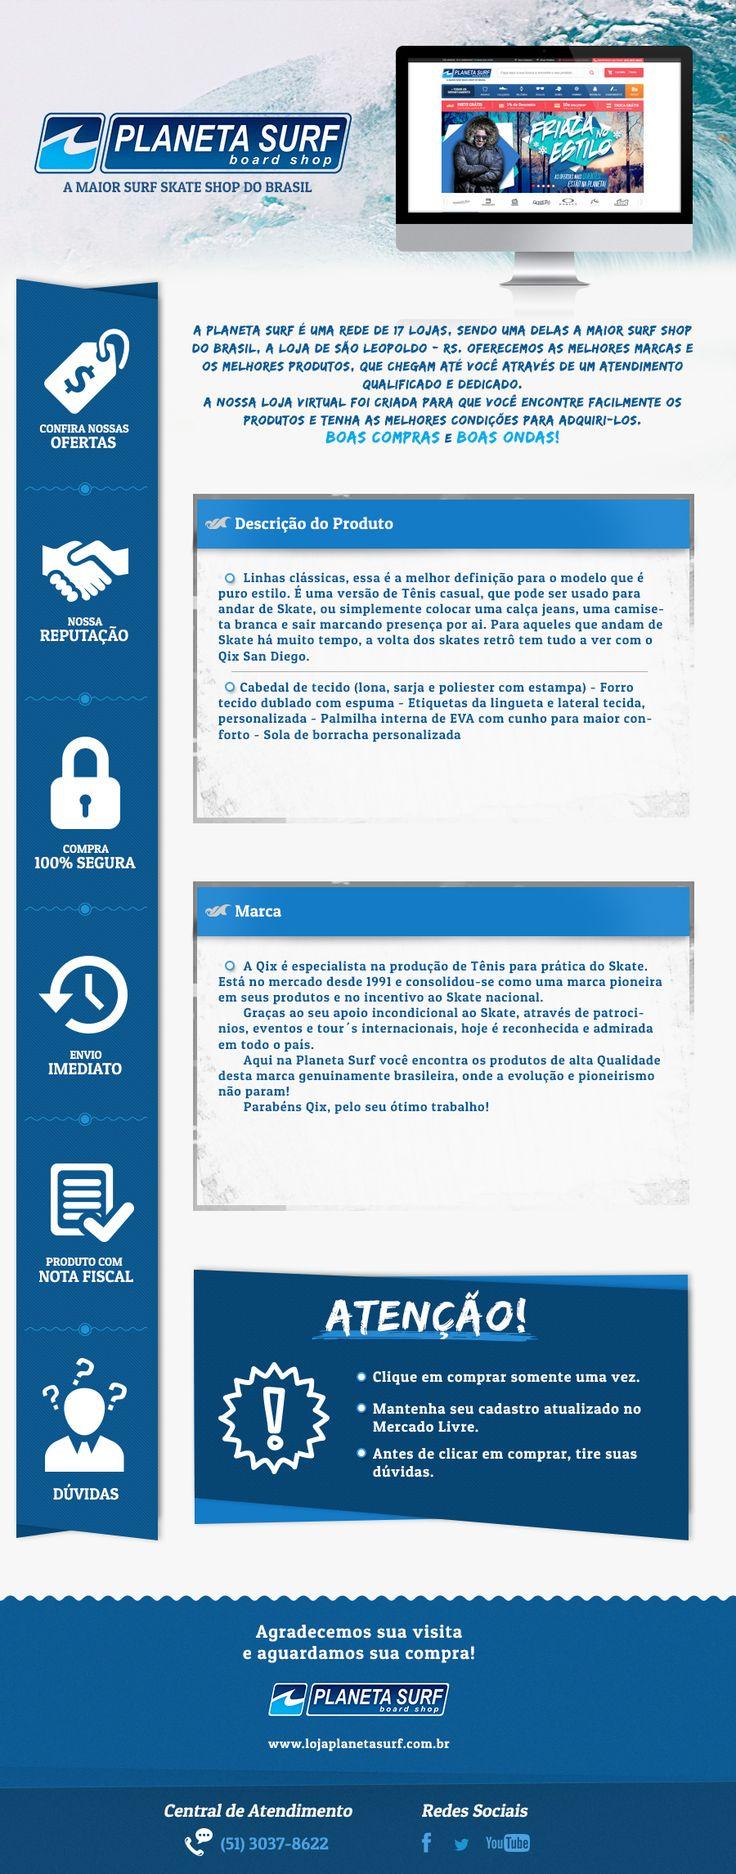 Template de descrição de produto, do Mercado Livre, desenvolvido para o cliente Planeta Surf.  Splashbox desenvolvida para a loja virtual do cliente Sul Games.  Direção de Arte: ALEXANDRE R. Agência: TRINTO